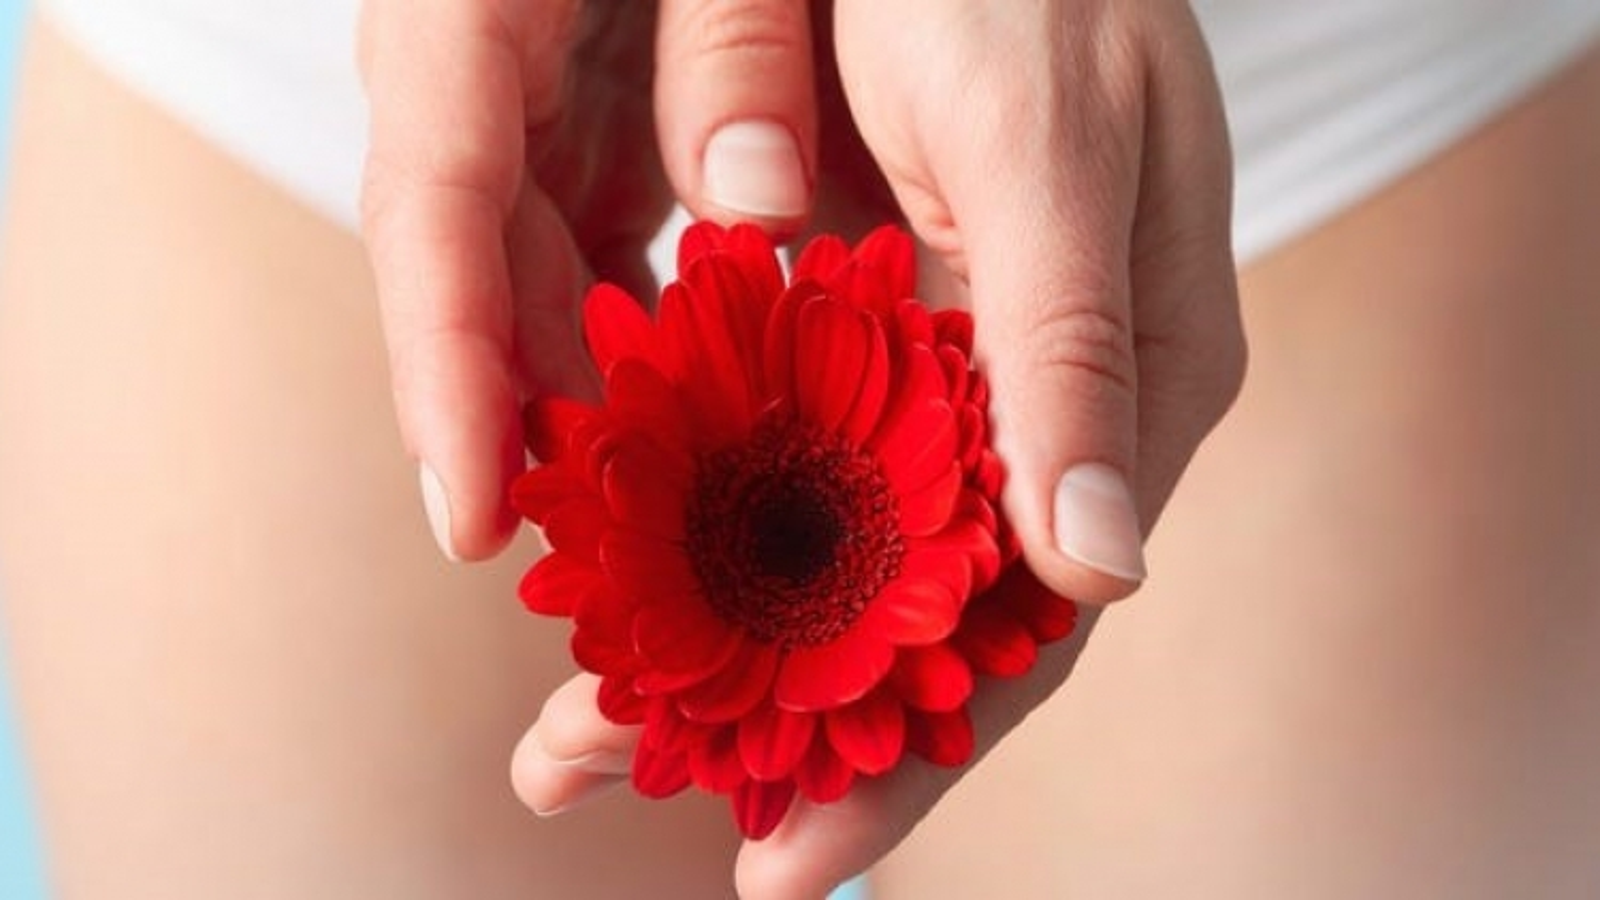 6 lý do chảy máu sau khi quan hệ và cách phòng tránh